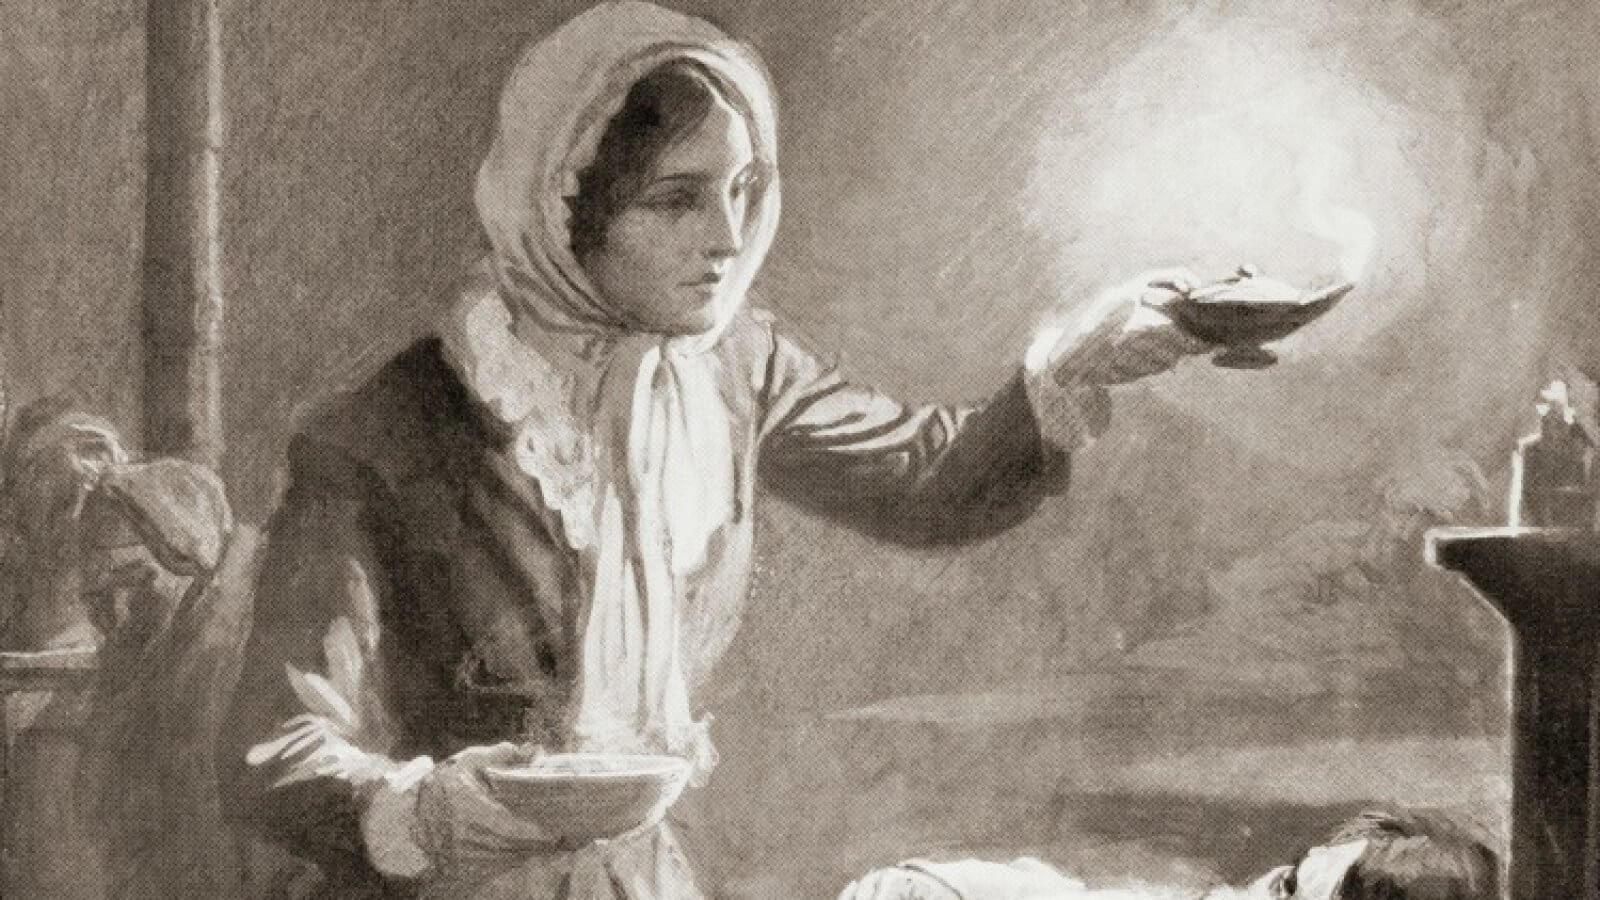 Frases de Florence Nightingale - Fundadora de la Enfermería Moderna